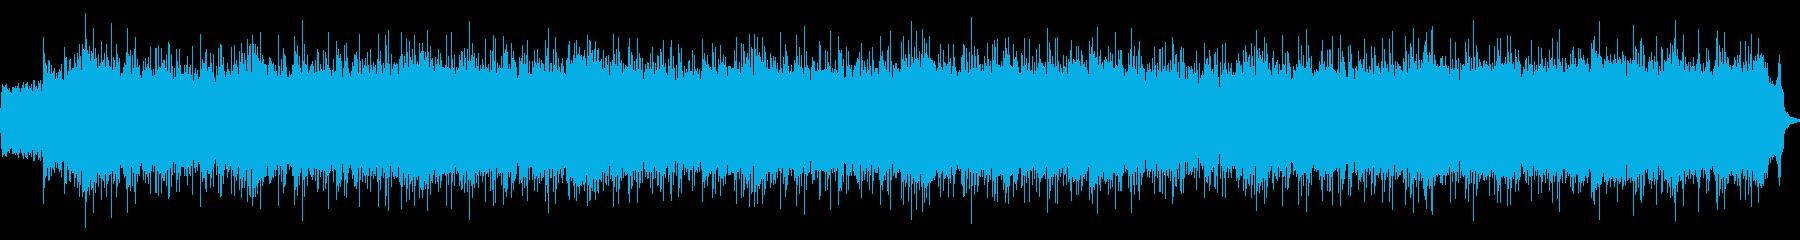 キャロル・オブ・ザ・ベルのロックアレンジの再生済みの波形